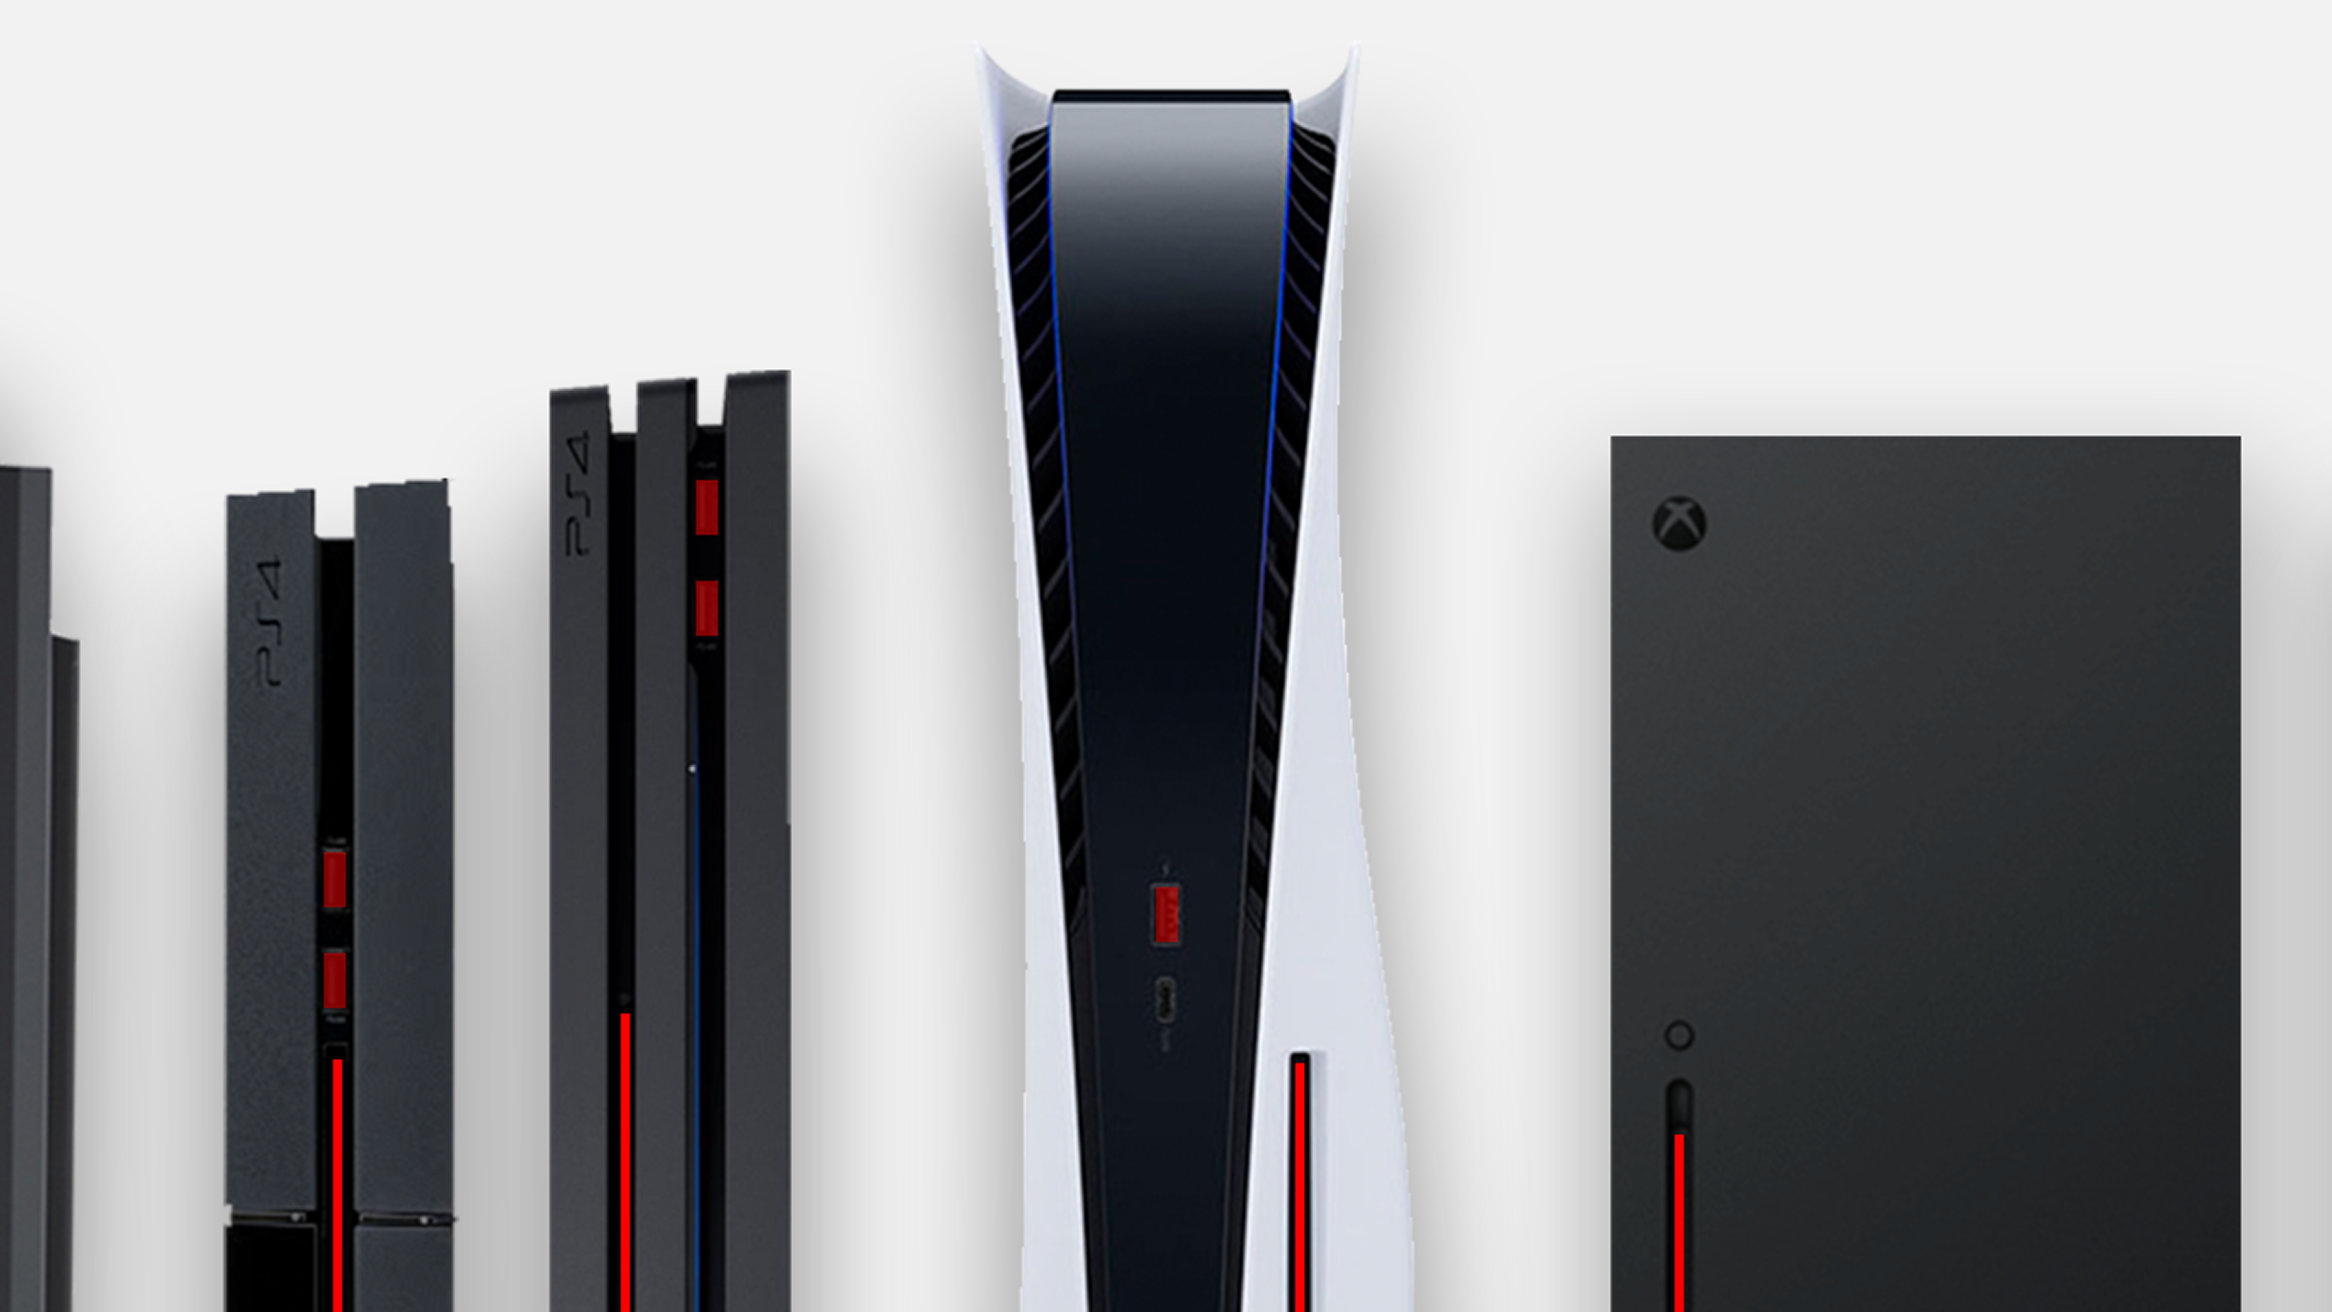 PS5、サイズ比較。歴代プレイステーションで一番大きい